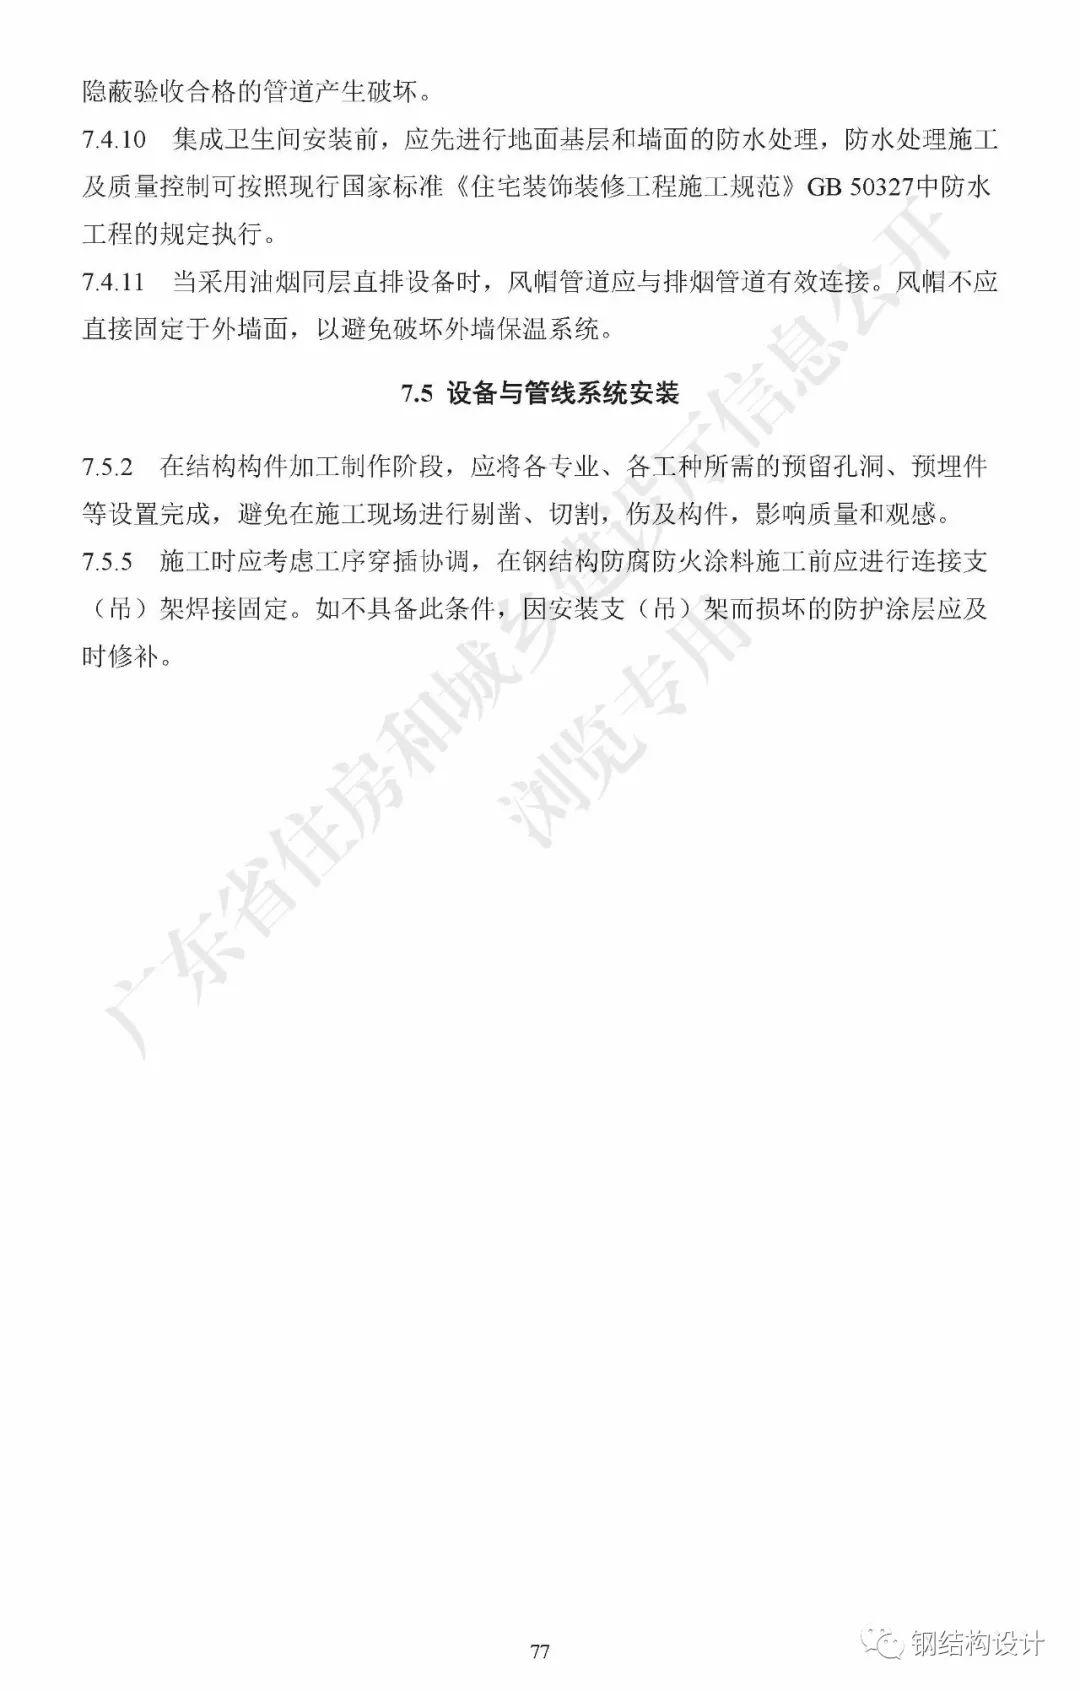 广东省《装配式钢结构建筑技术规程》发布_87